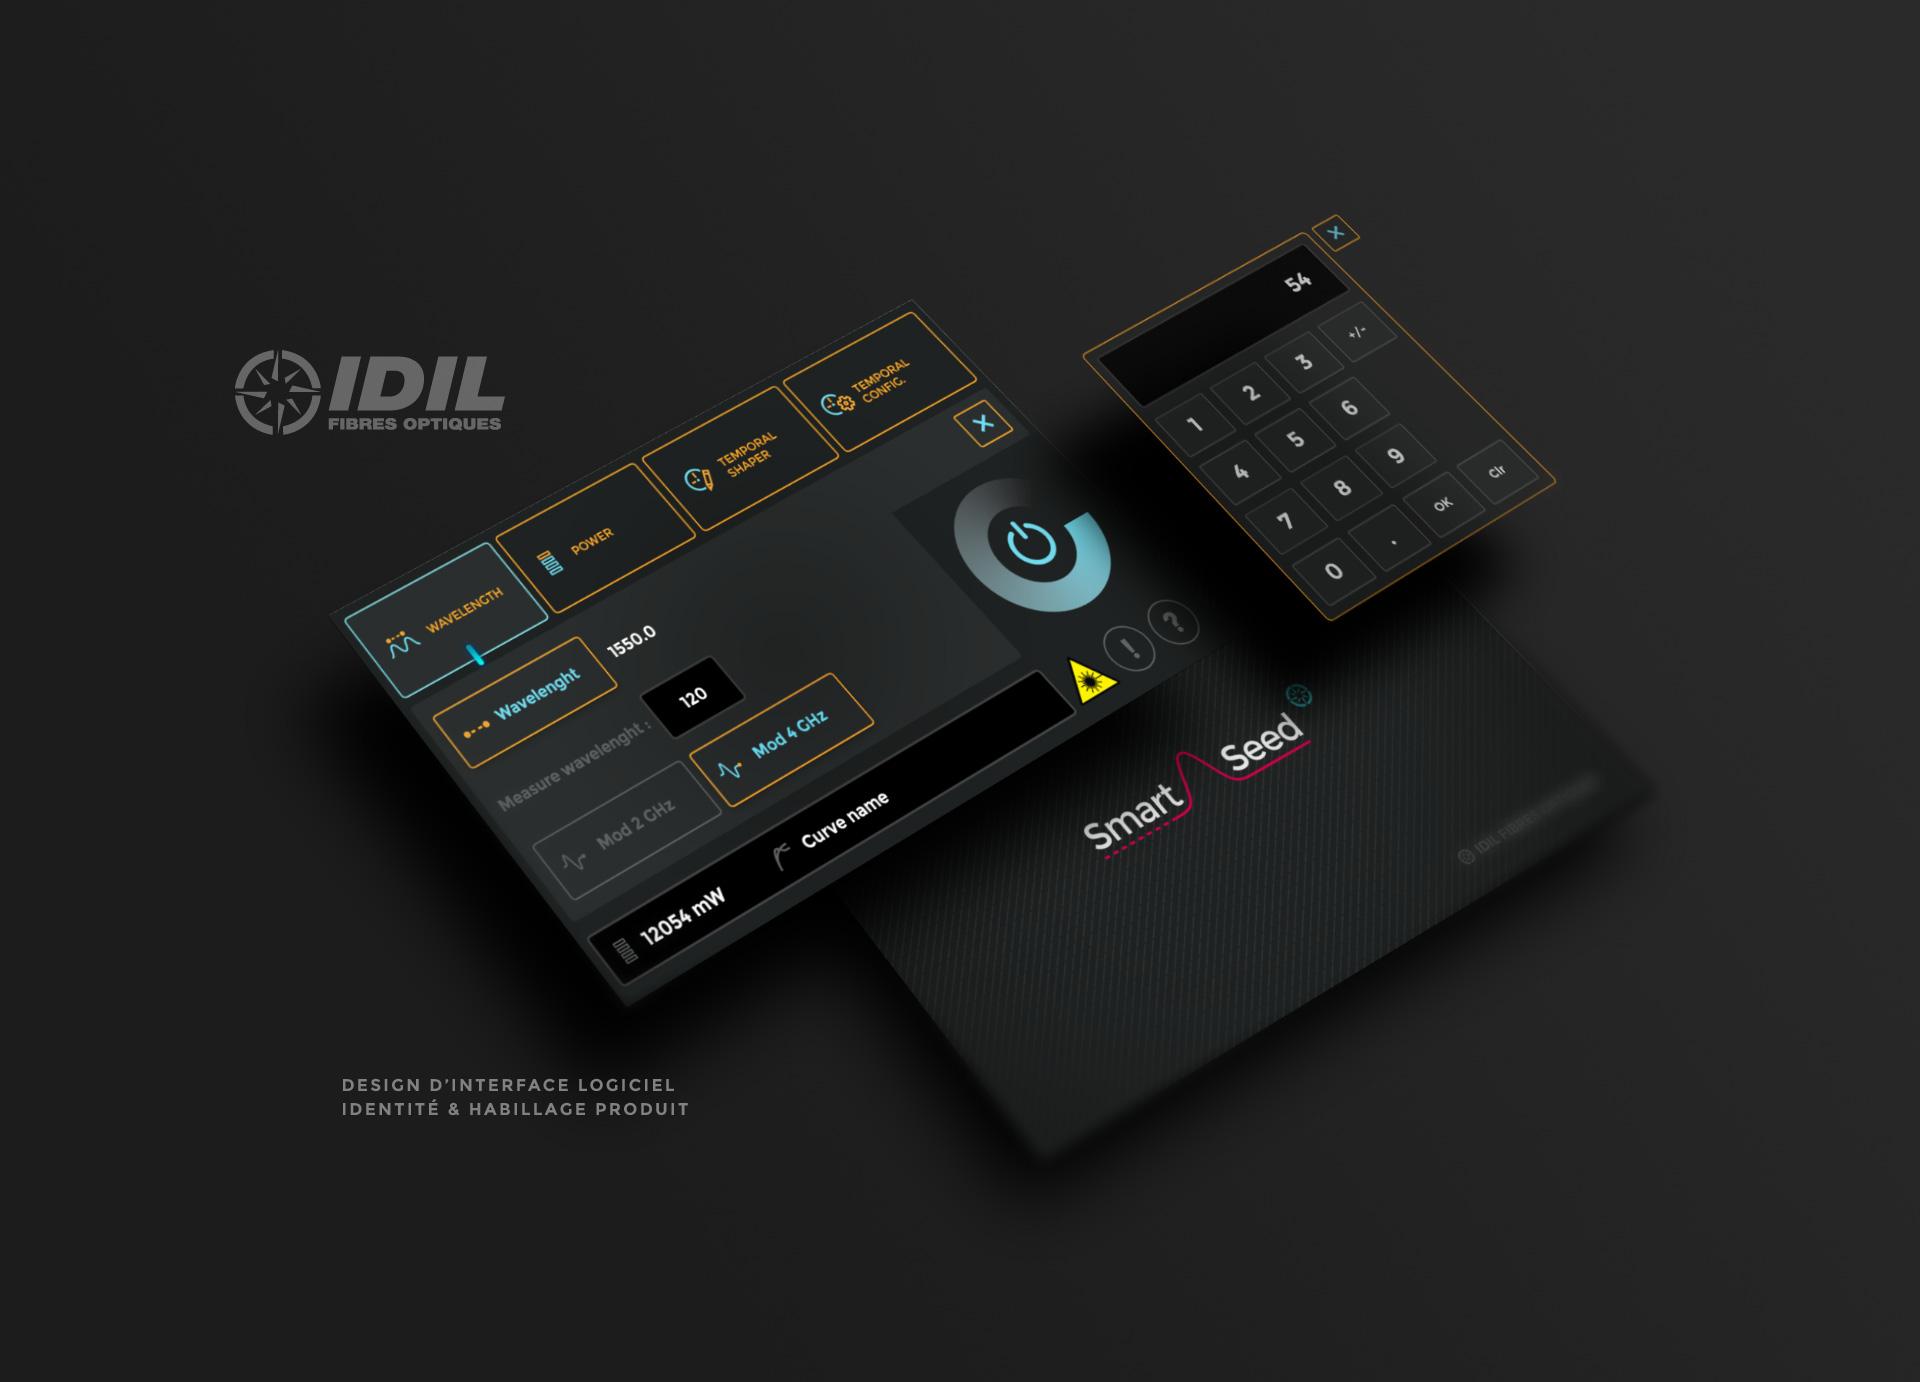 idil-deisgn-appli-mobile